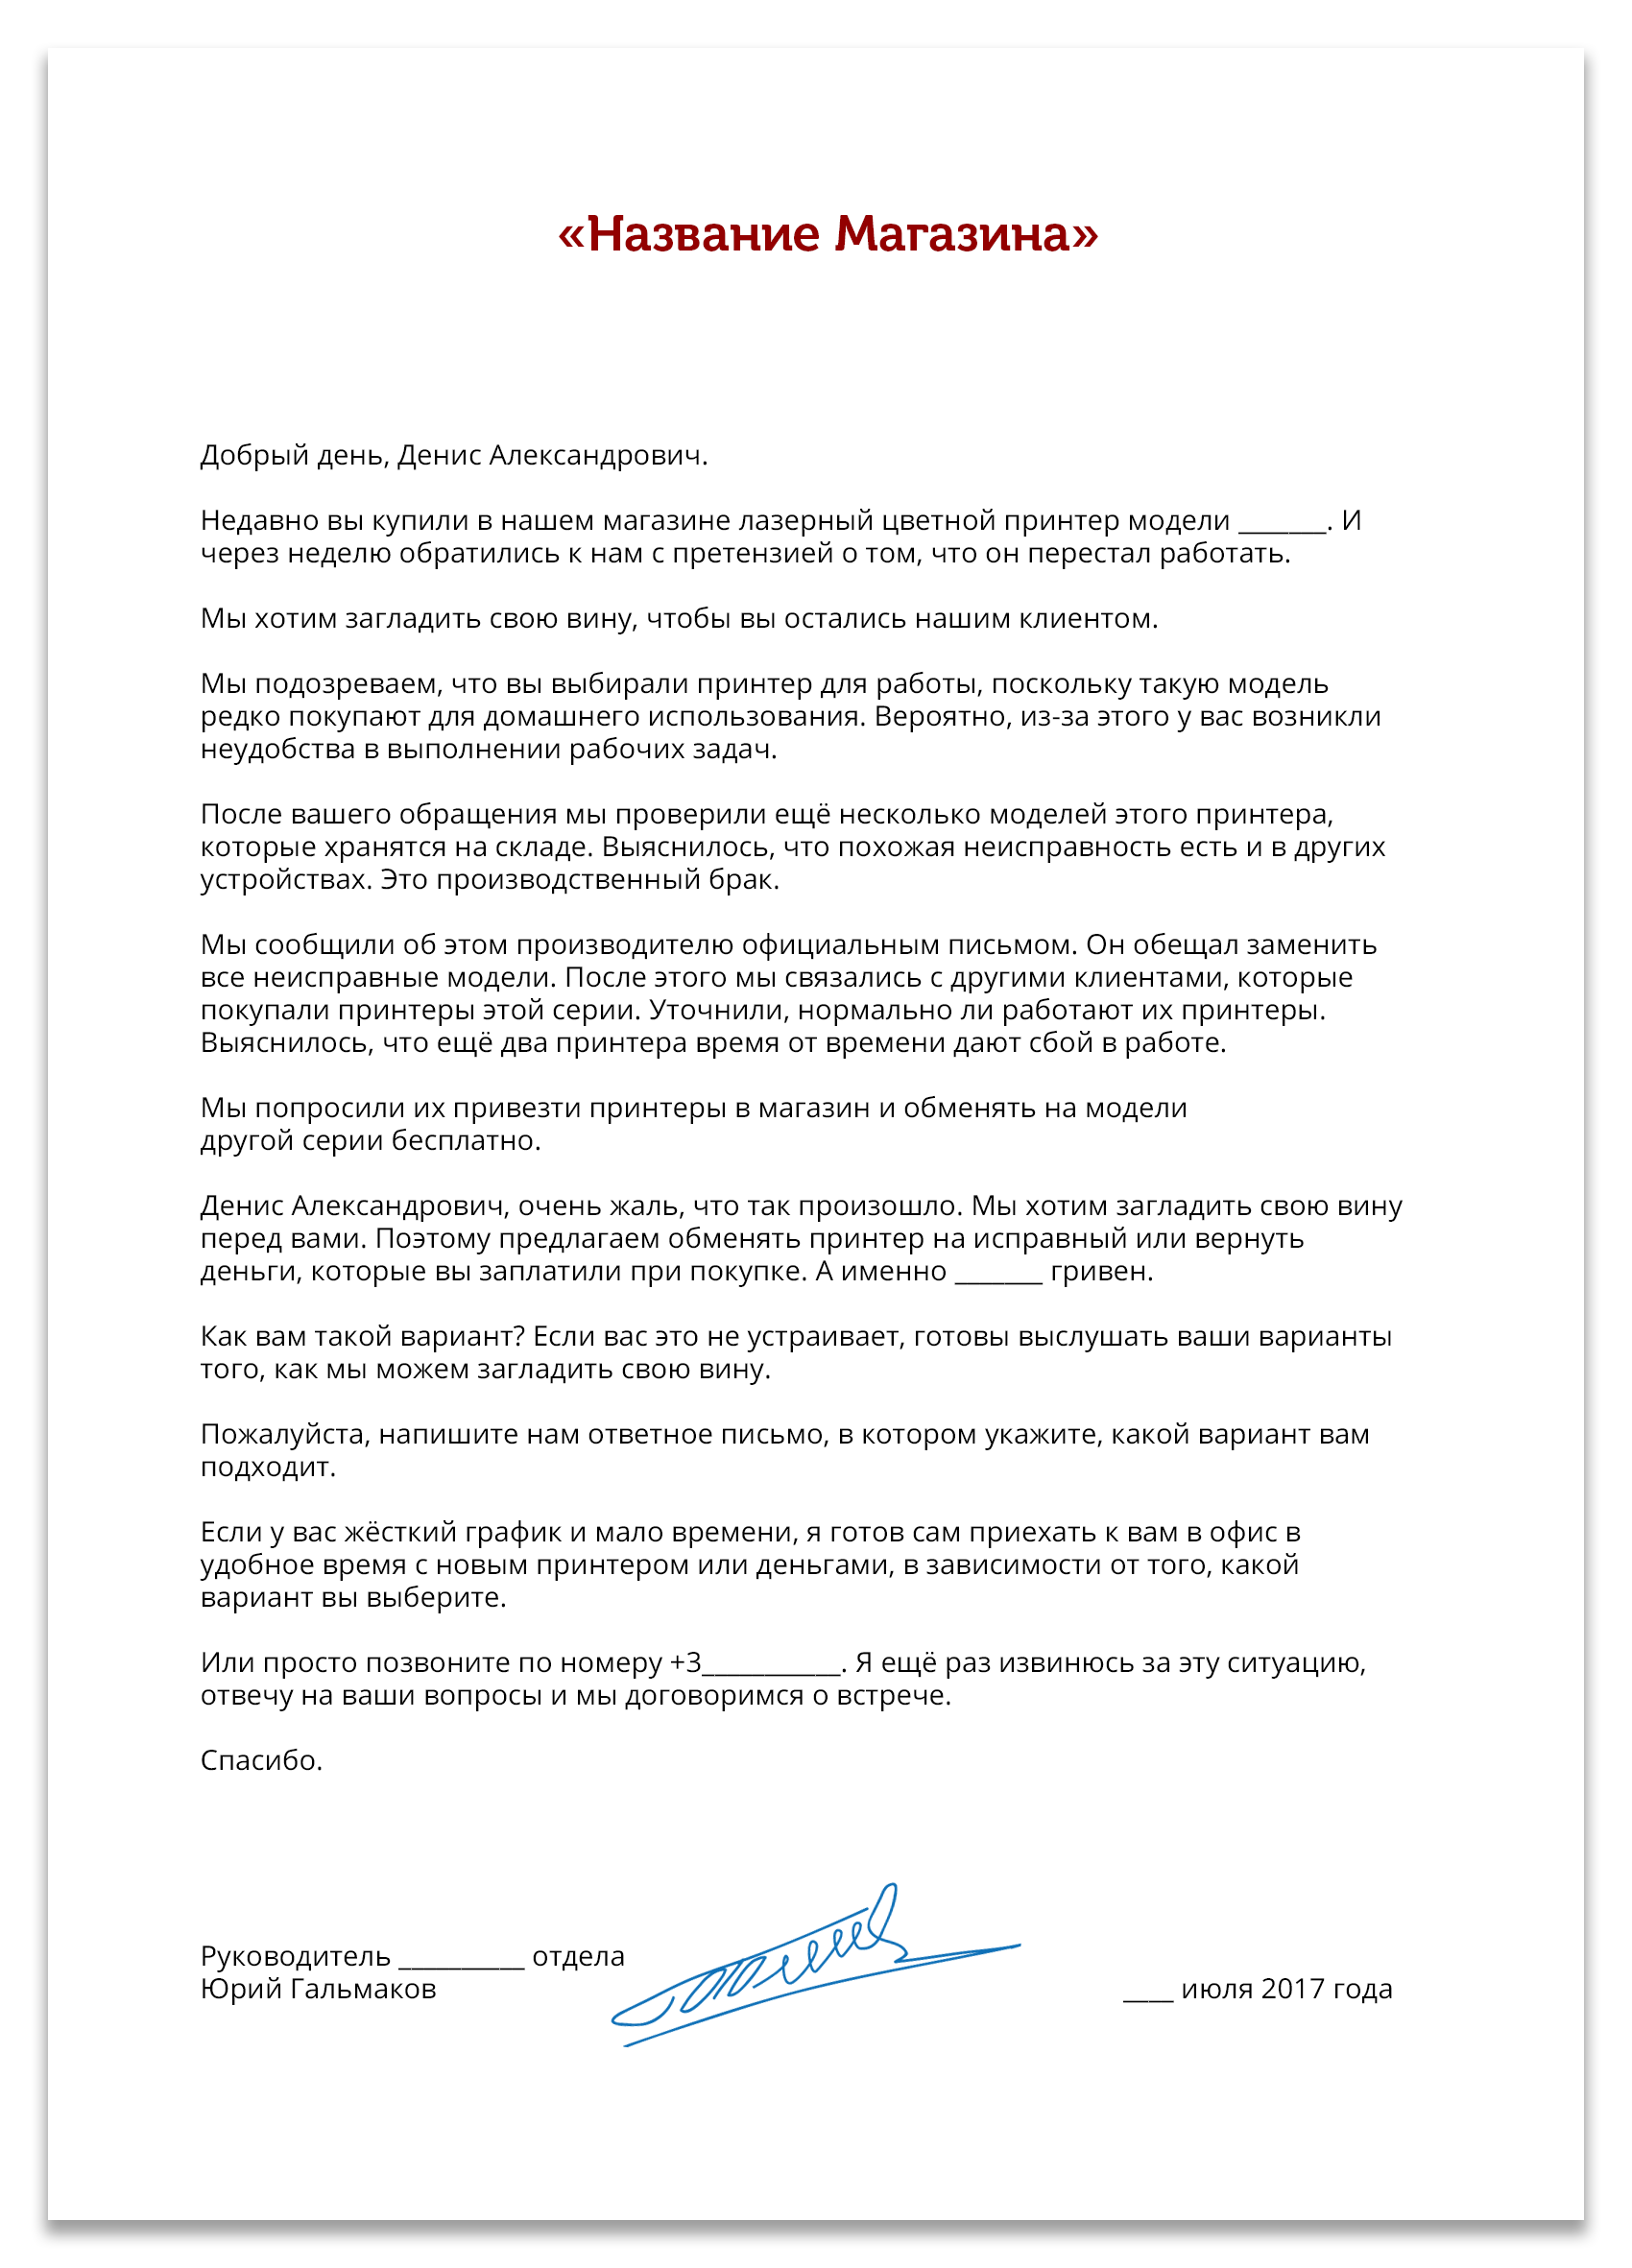 Образец письма с извинениями от организации - Деловые письма - Шаблоны и бланки